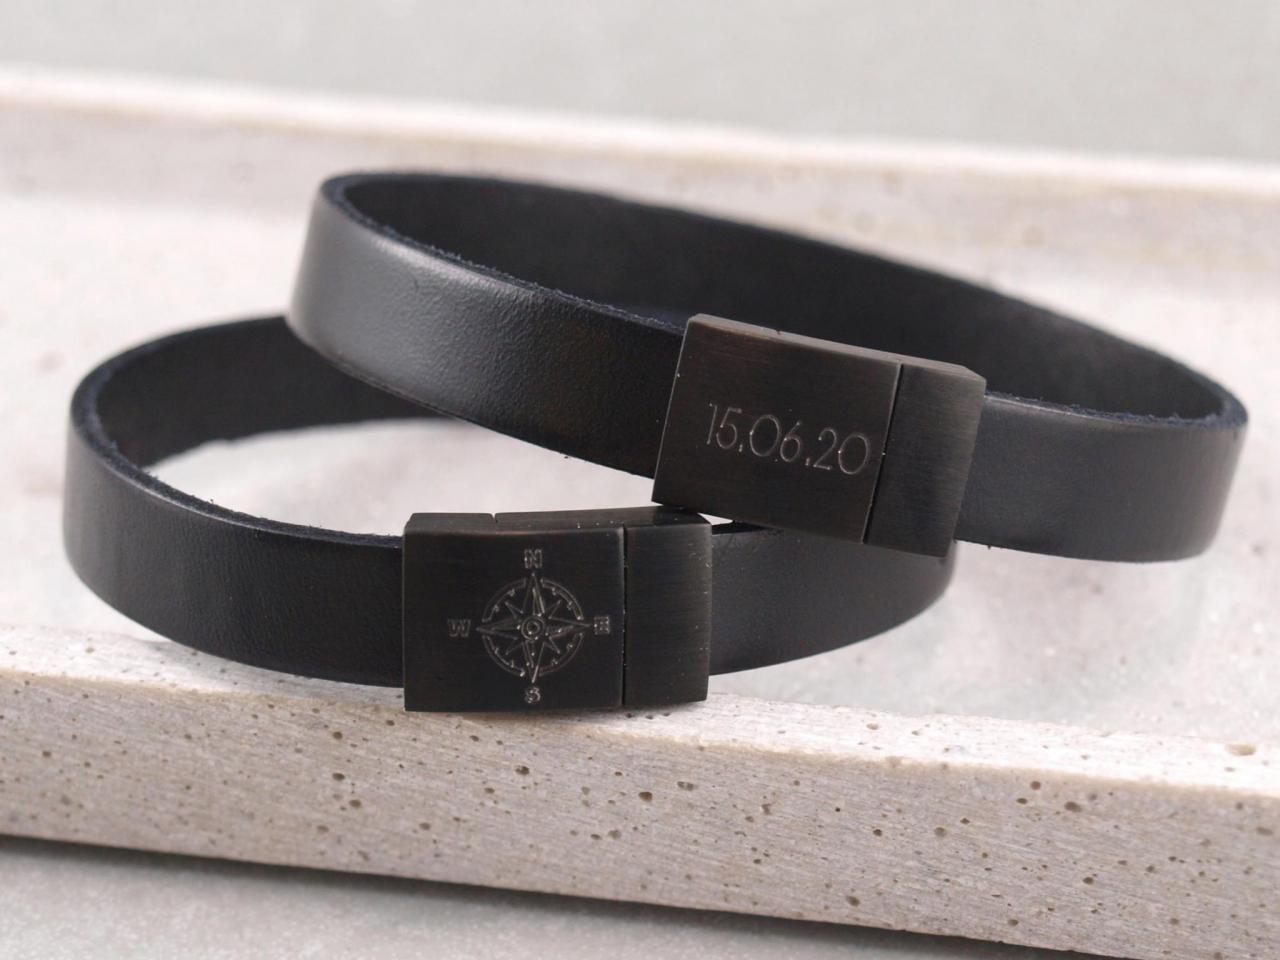 Blackedition Riemen partnerarmband mit schwarzem edelstahl magnet verschuss und gravur option die geschenkidee.jpg